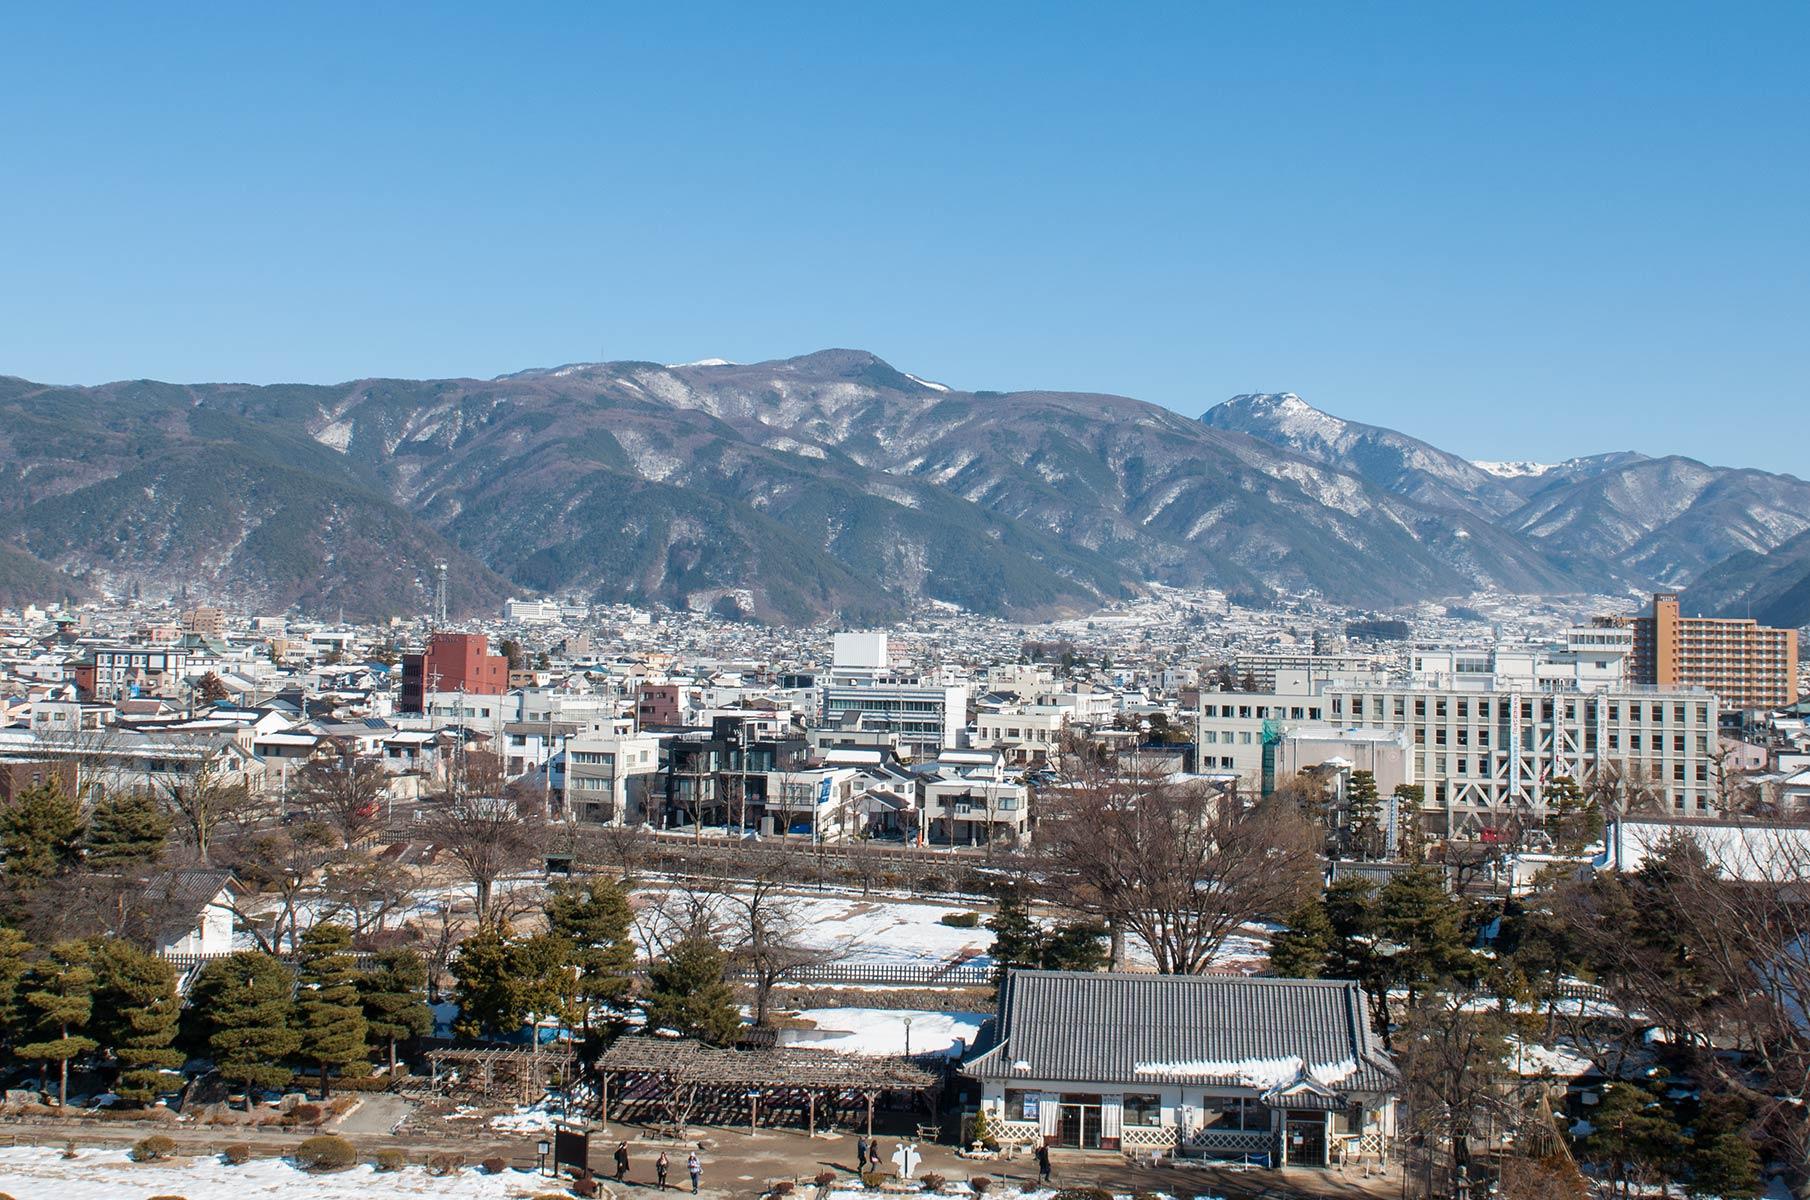 Blick auf die Bergregion in Matsumoto von der Burg Matsumoto in Japan